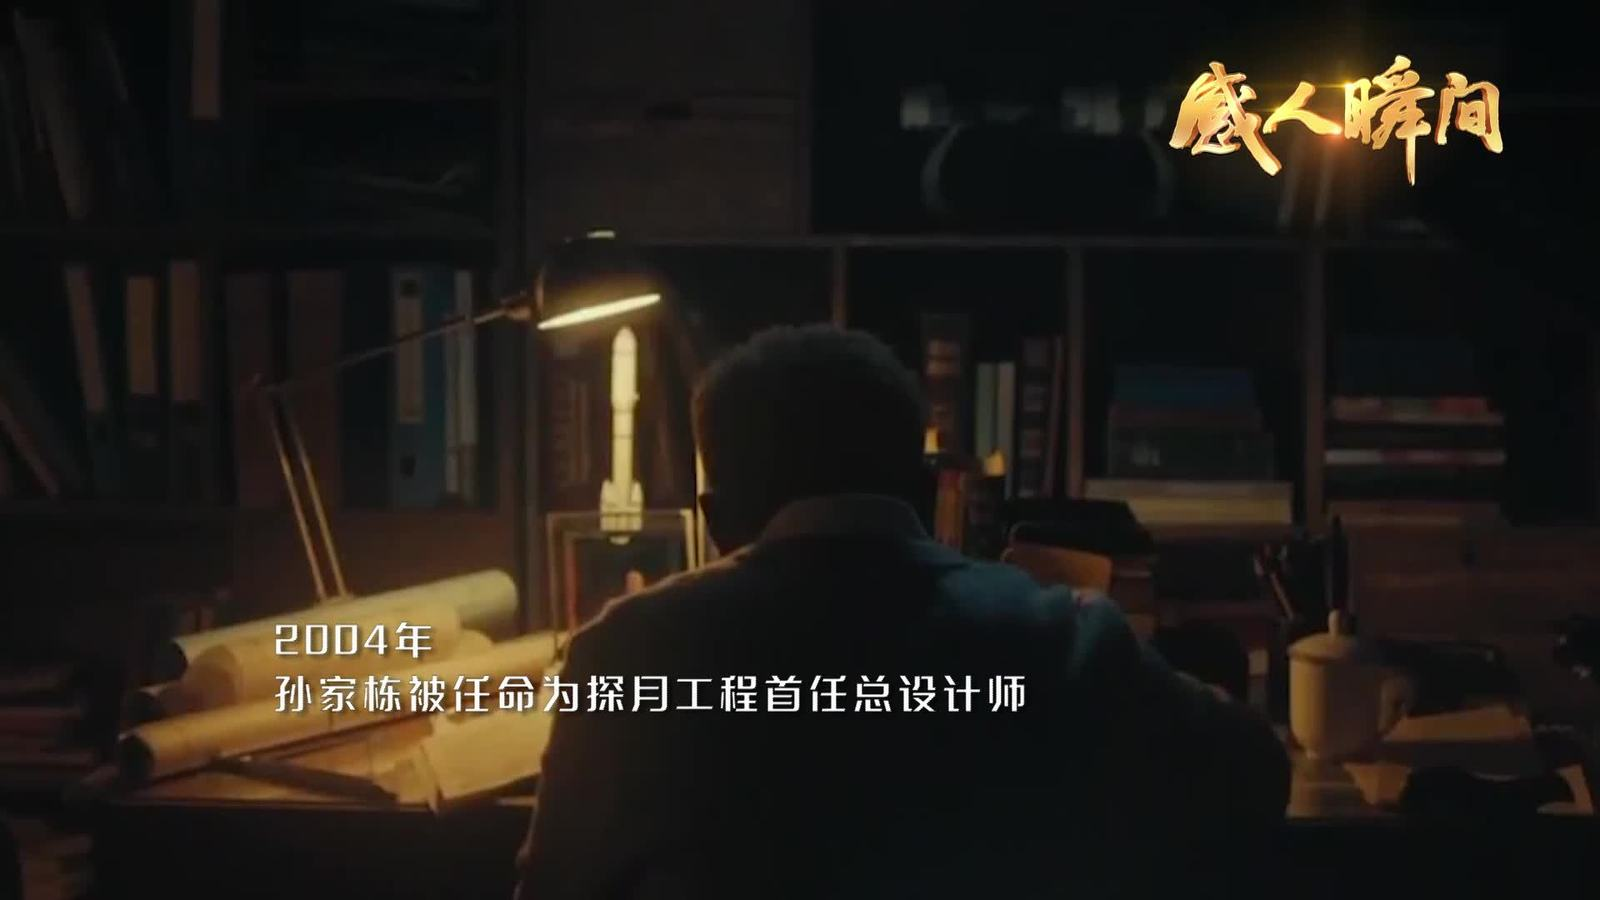 """科學家精神主題""""感人瞬間""""微視頻展播——孫家棟"""